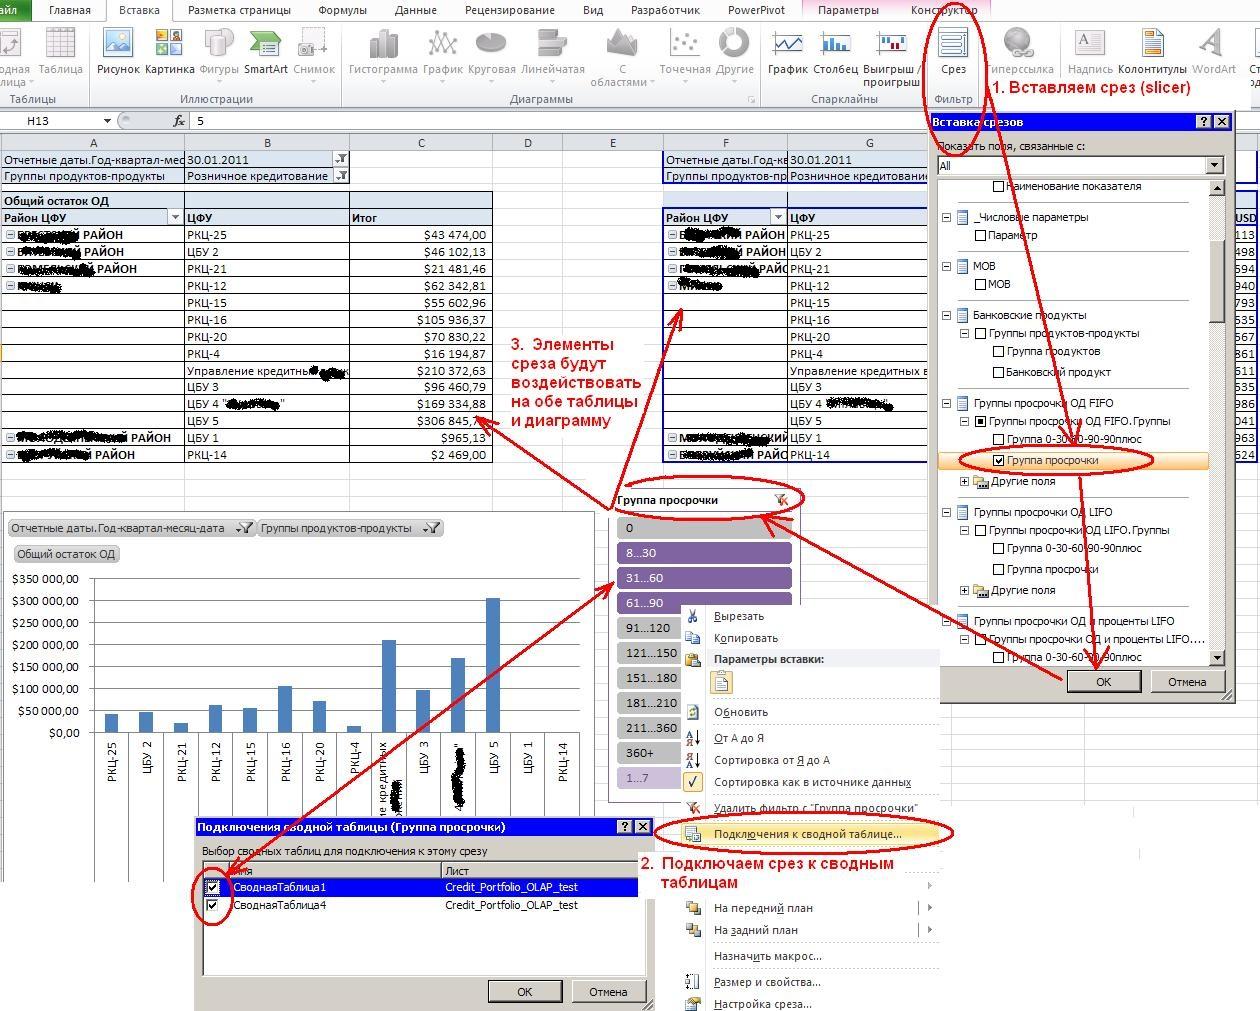 Вставка срезов (глобальных фильтров) в сводную таблицу OLAP